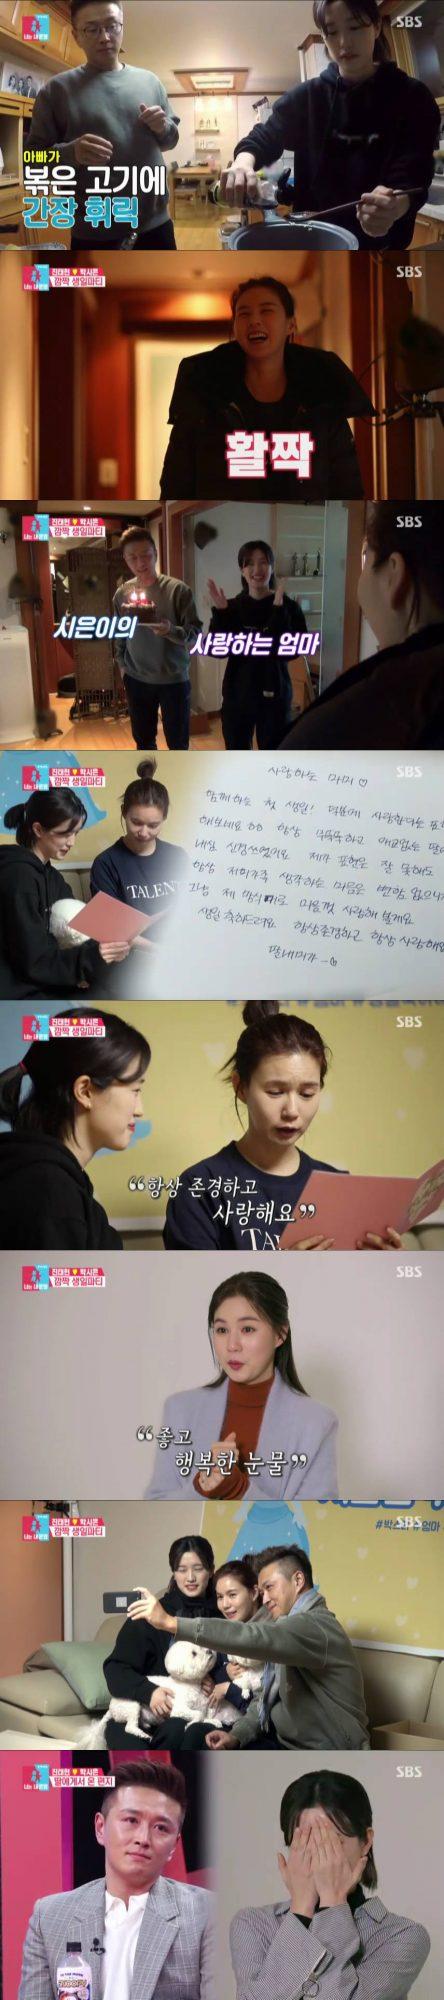 '동상이몽2' 박시은·진태현 가족. /사진제공=SBS